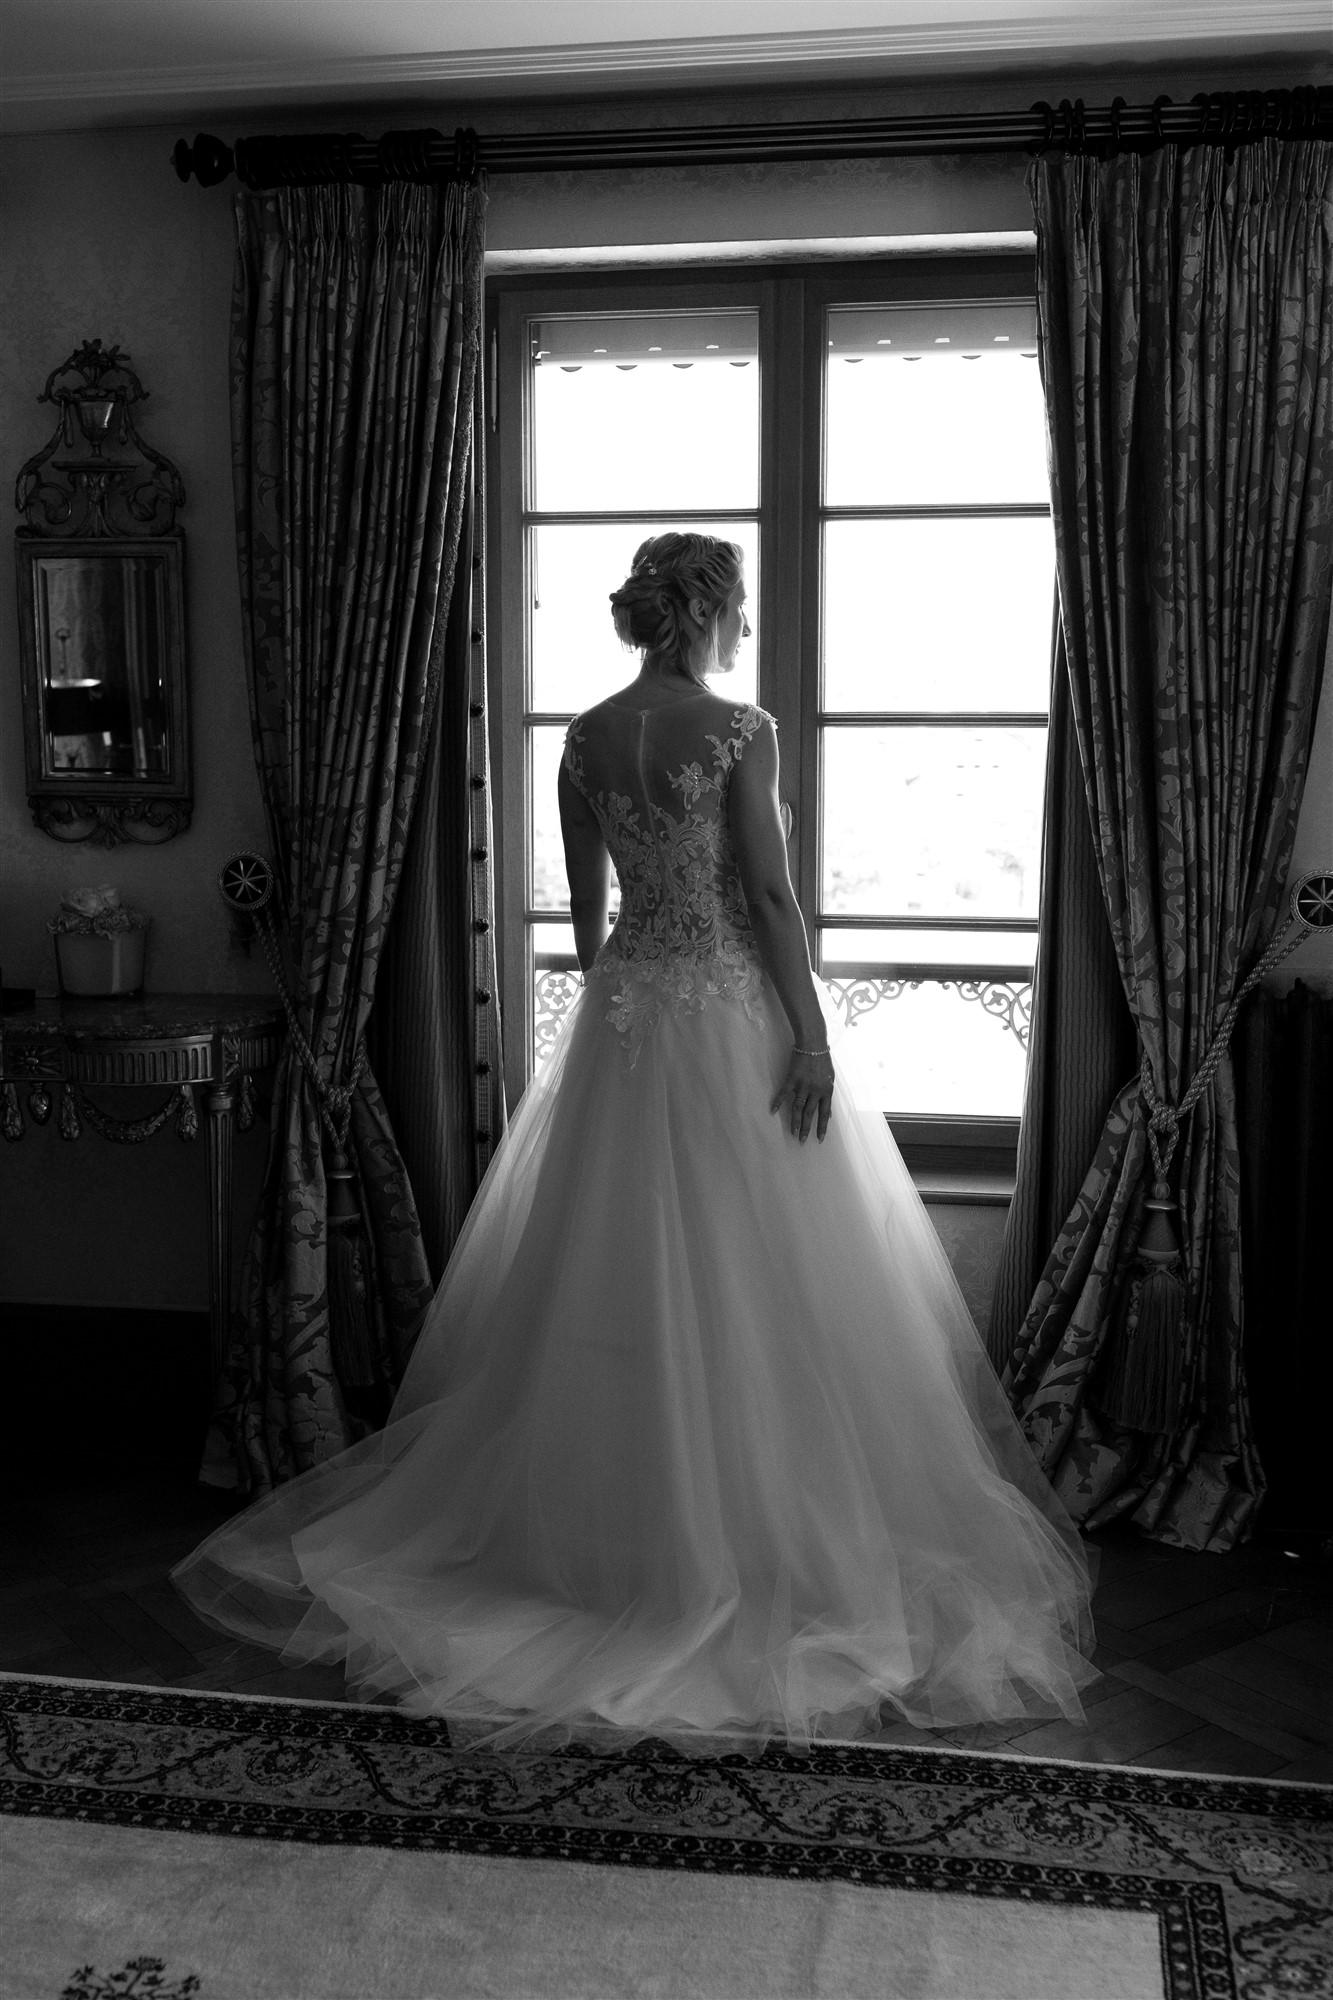 Hochzeitsfotograf Basel Hochzeit im Grand Hotel Les Trois Rois - Die Braut in ihrem schönen Brautkleid